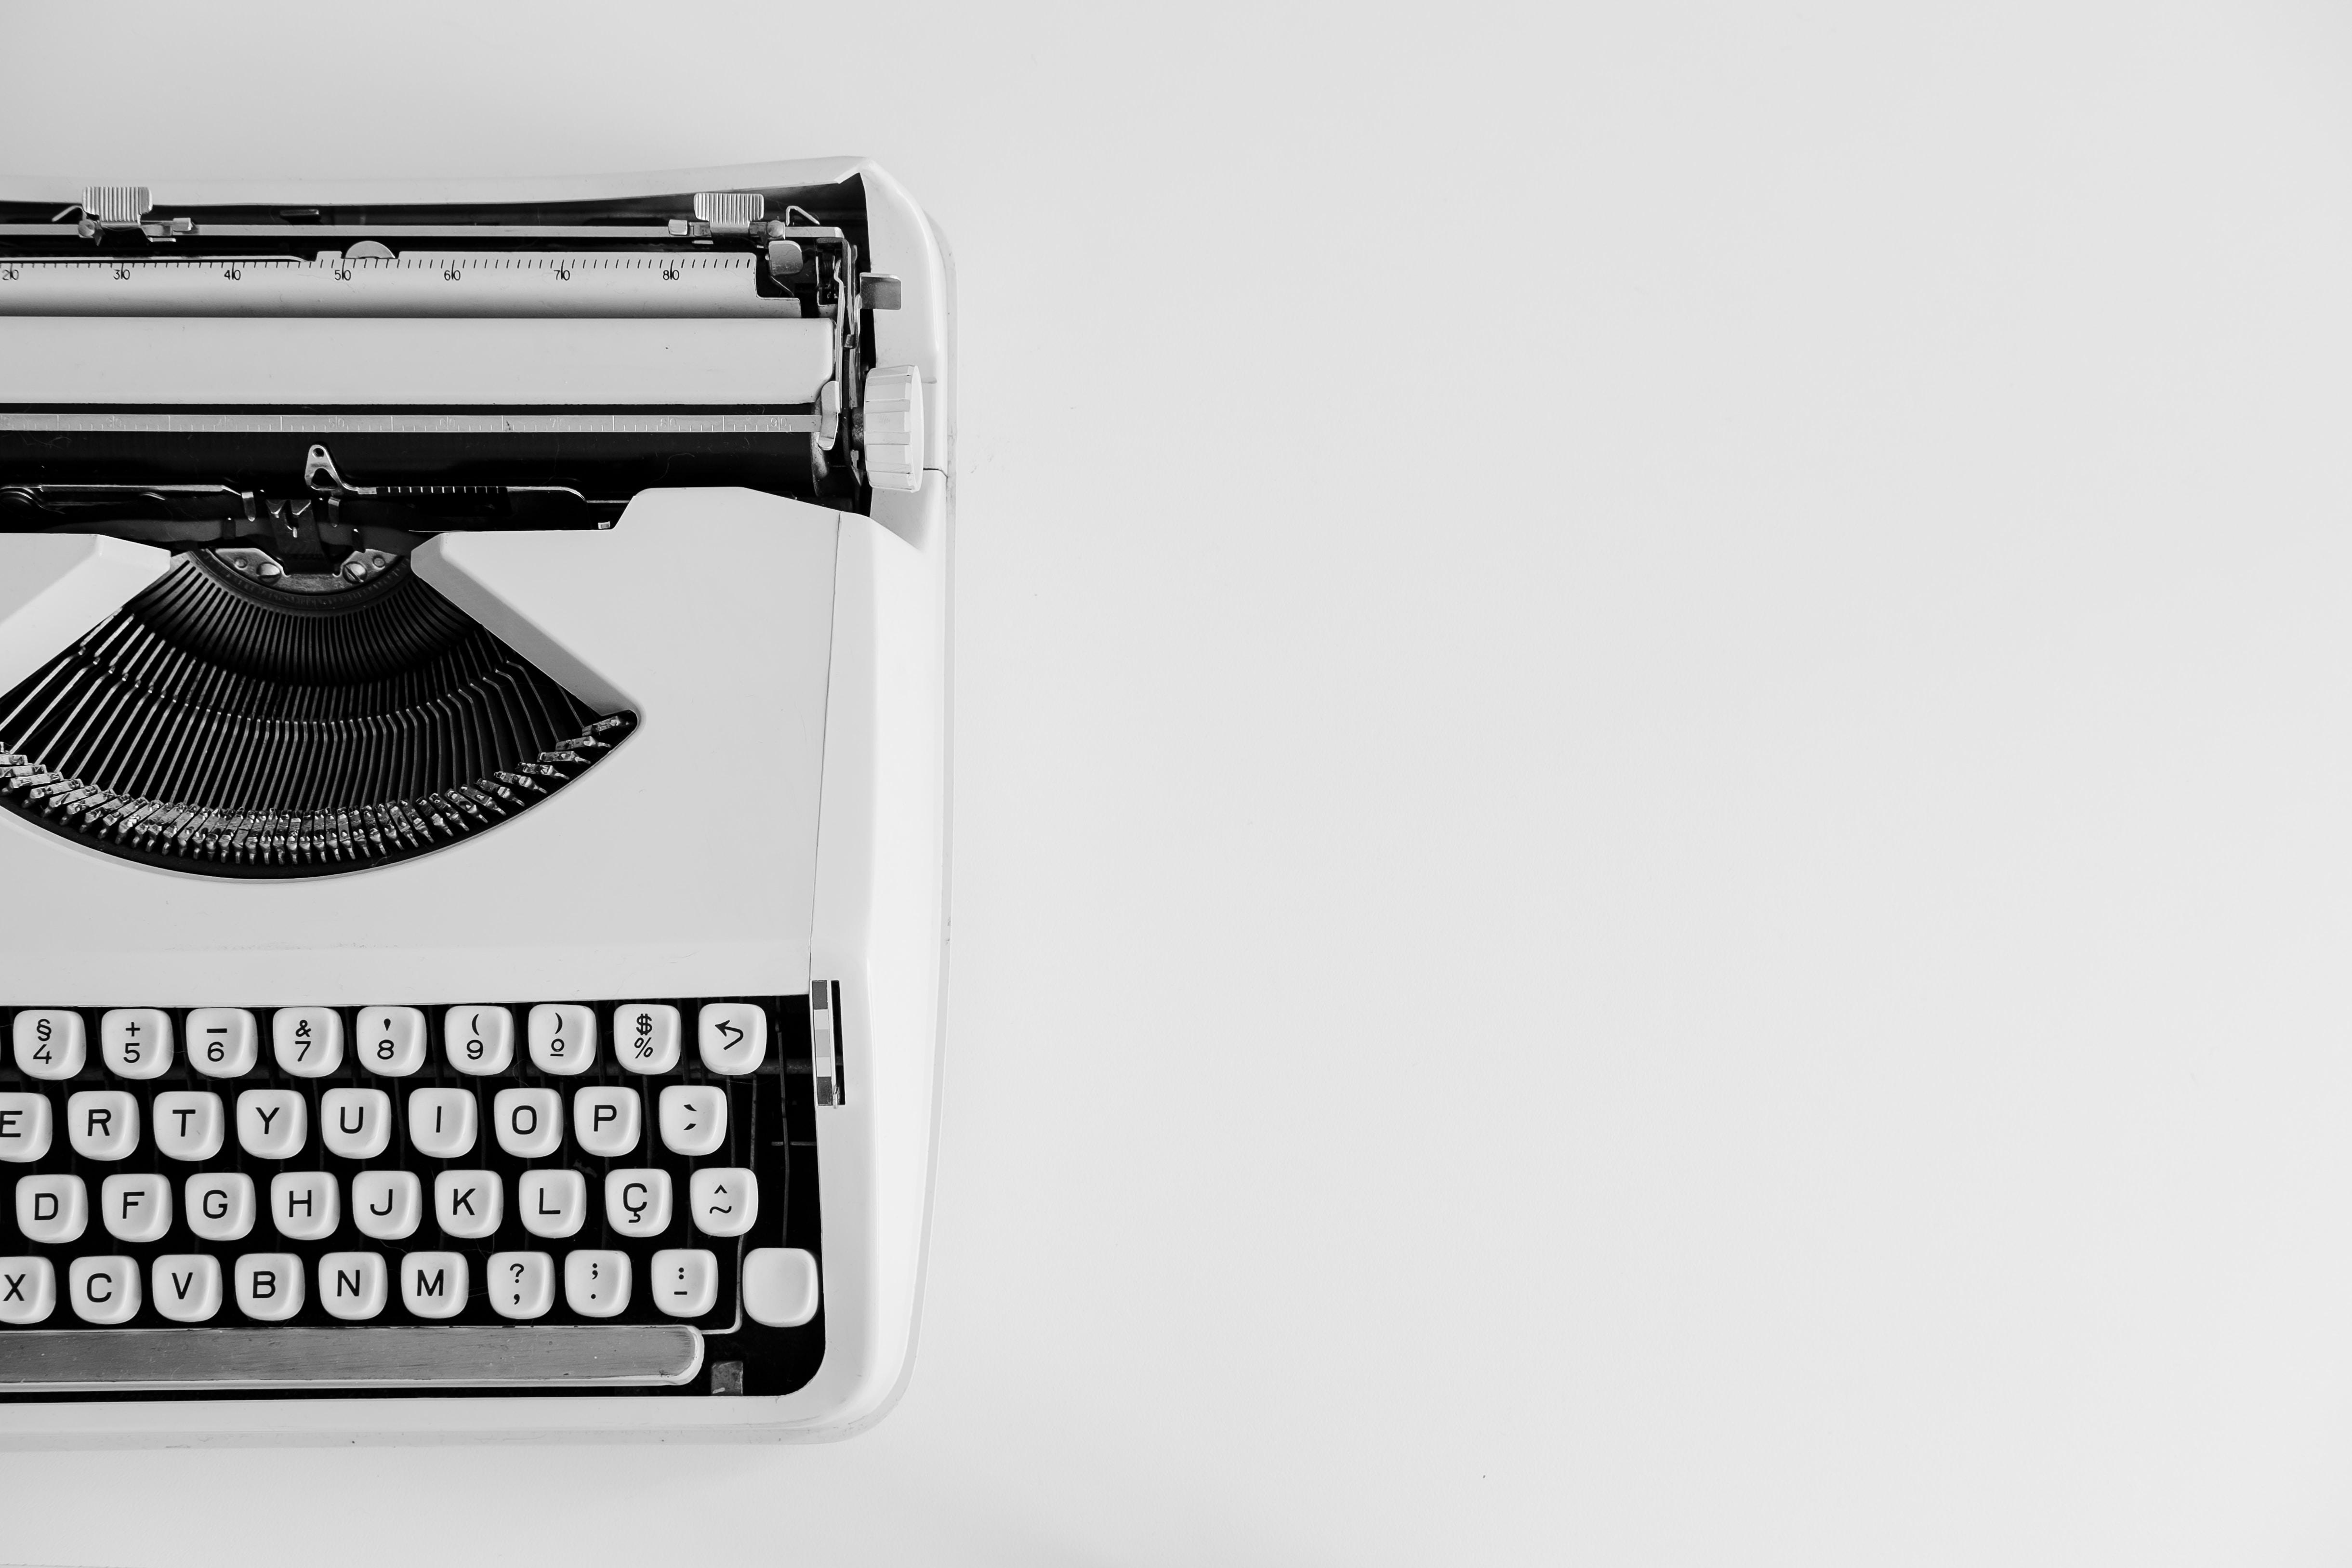 چرا هیچوقت منظم وبلاگنویسی نکردم؟